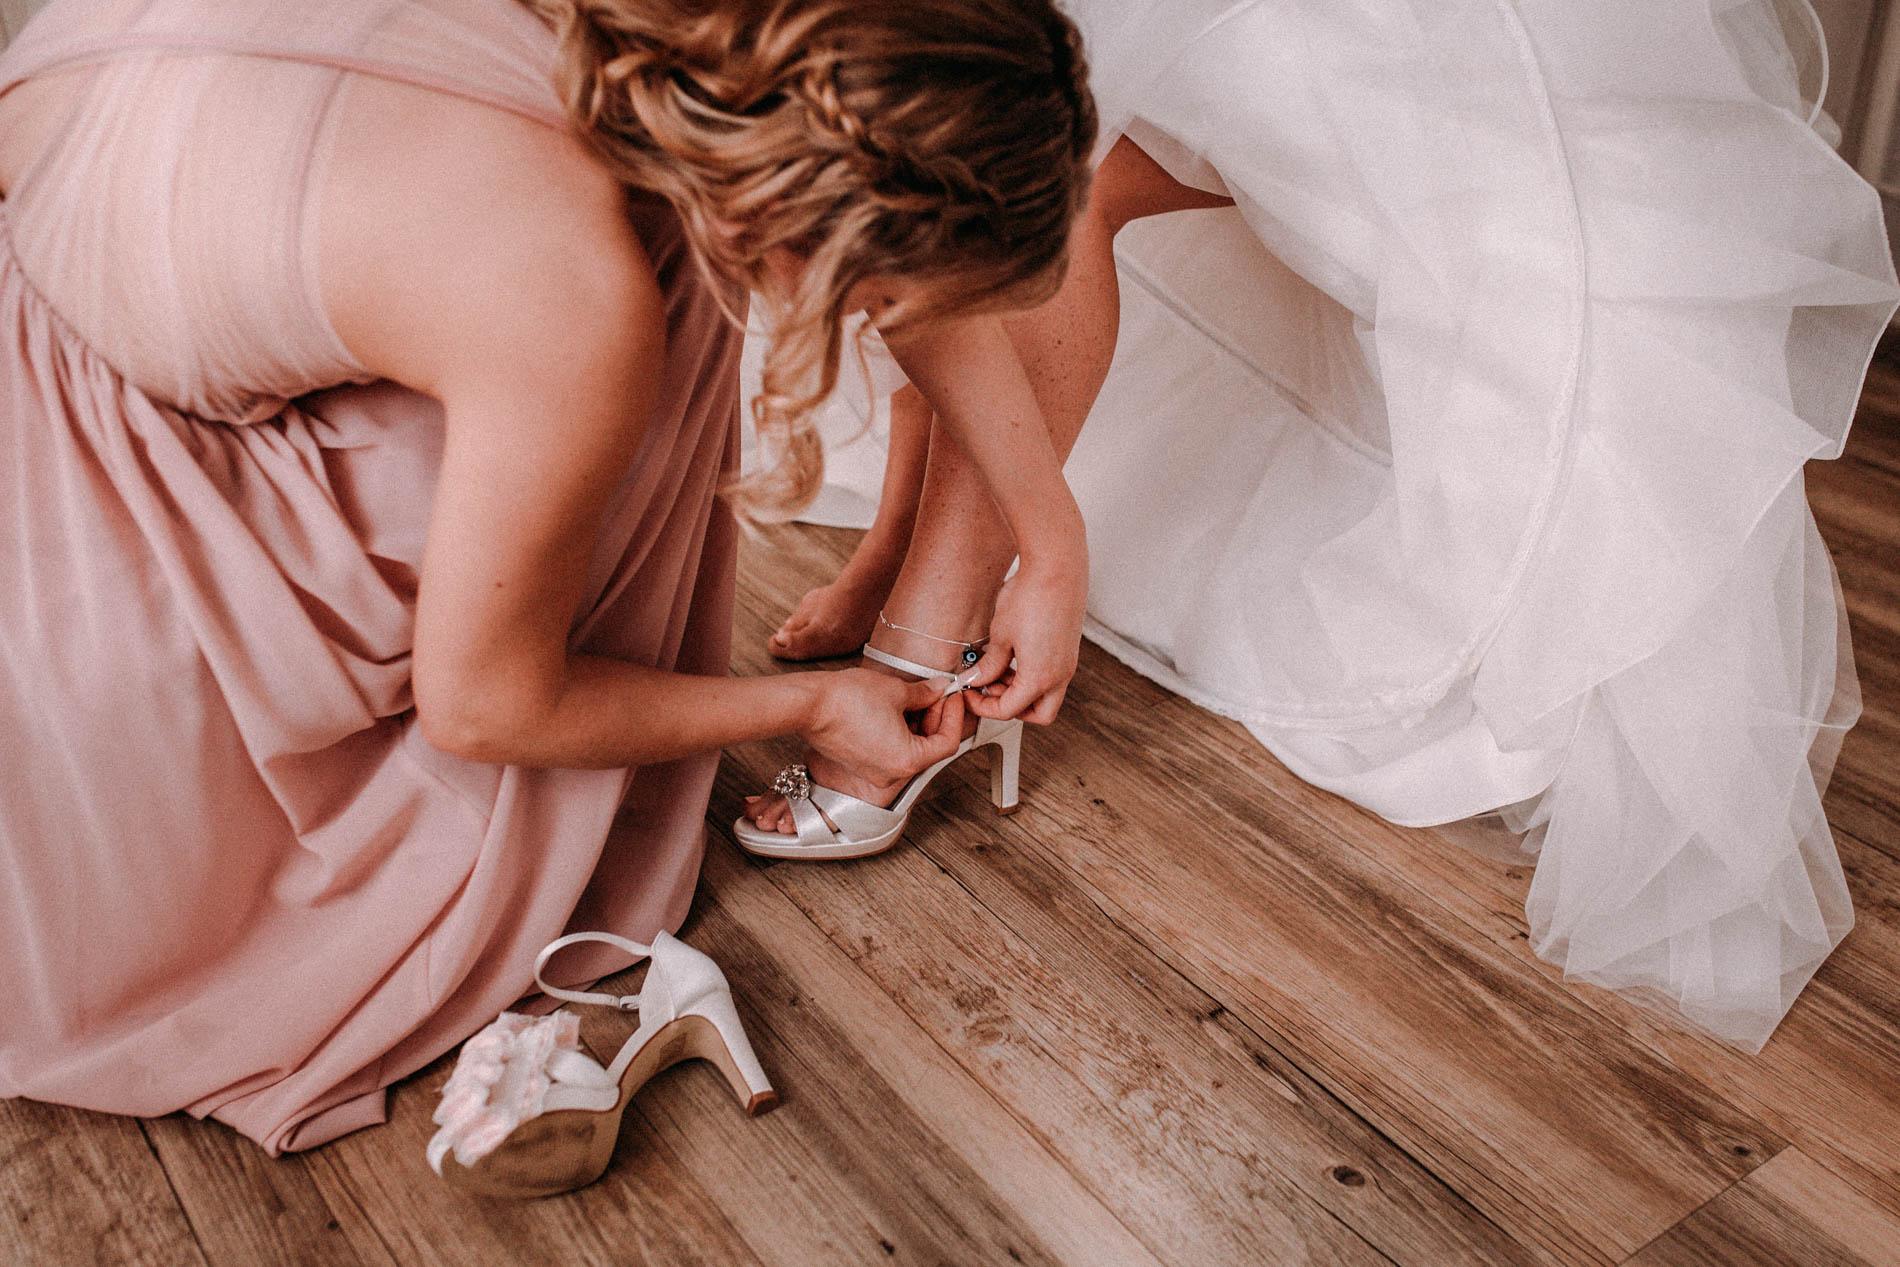 Hochzeitsfotograf für kreative und emotionale Hochzeitsportraits & Hochzeitsreportagen in Stade